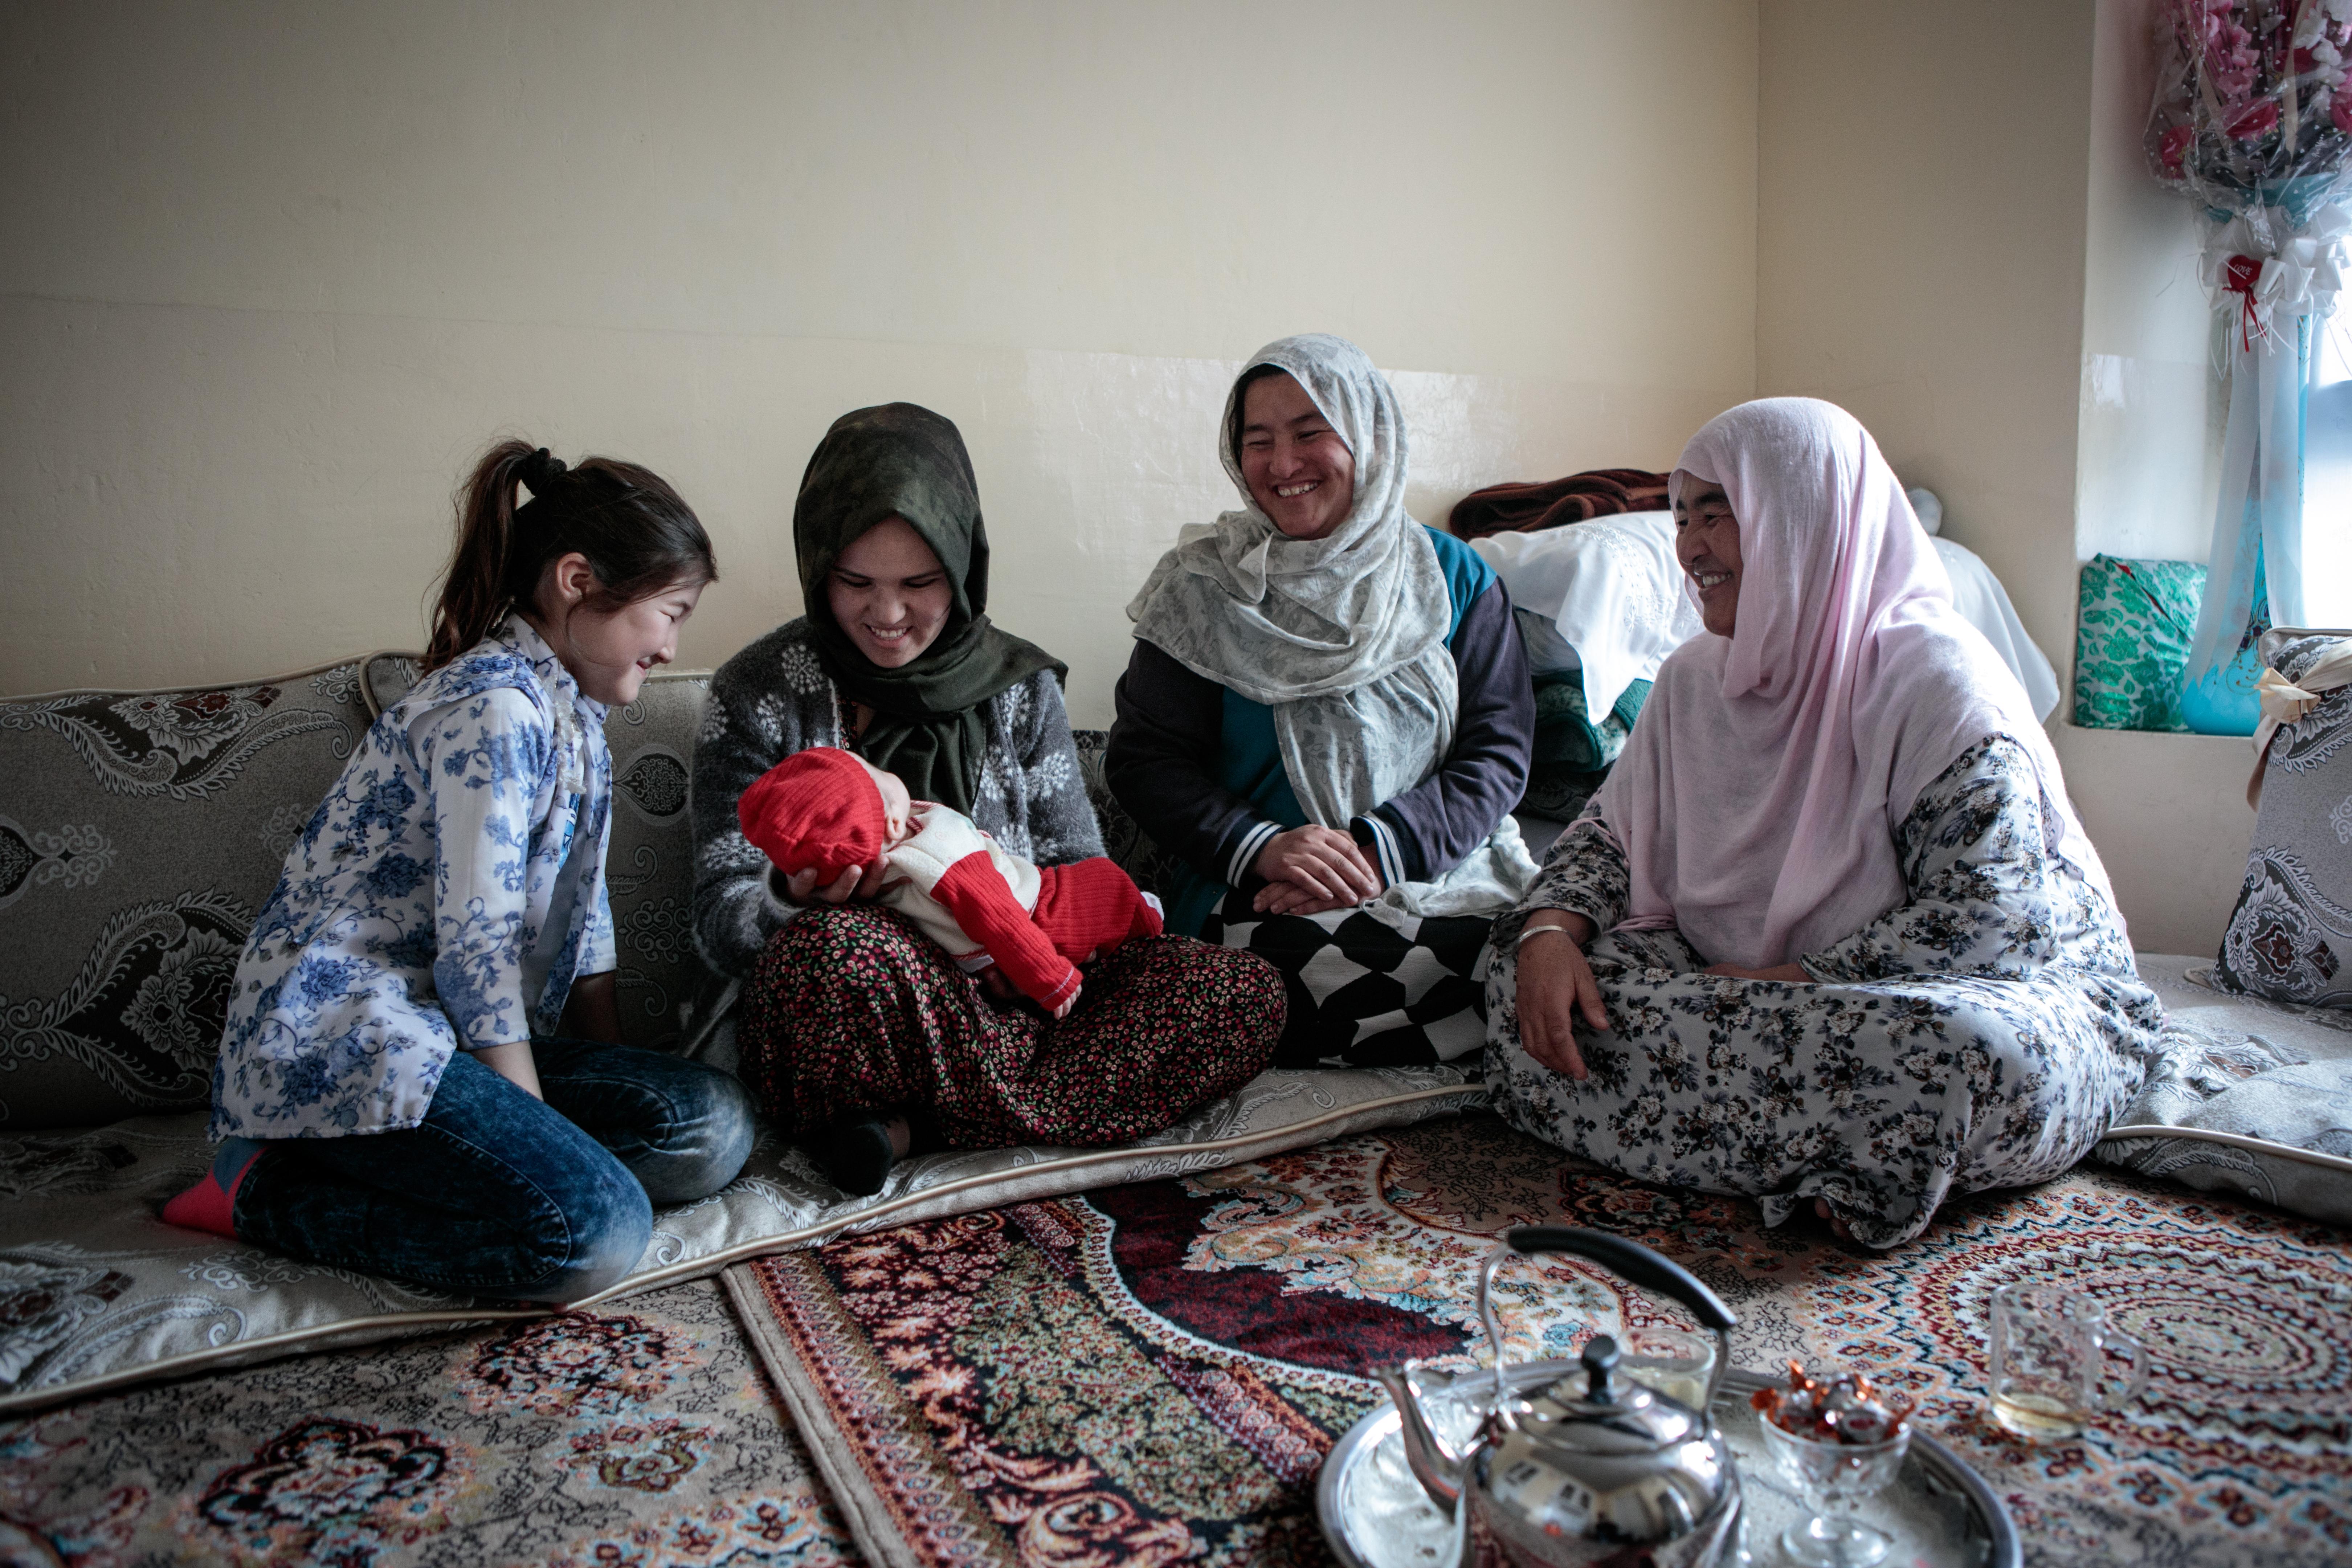 Hosnia s'est mariée l'année dernière. Elle vit depuis avec son mari chez sa belle-famille, comme la tradition afghane le veut. 10 personnes habitent dans la maison : la jeune femme, son mari et leur fille, ainsi que les beaux-parents, le frère et les quatre sœurs de l'époux. Dans leur chambre, Hosnia partage un thé avec sa belle-mère et sa jeune nièce.